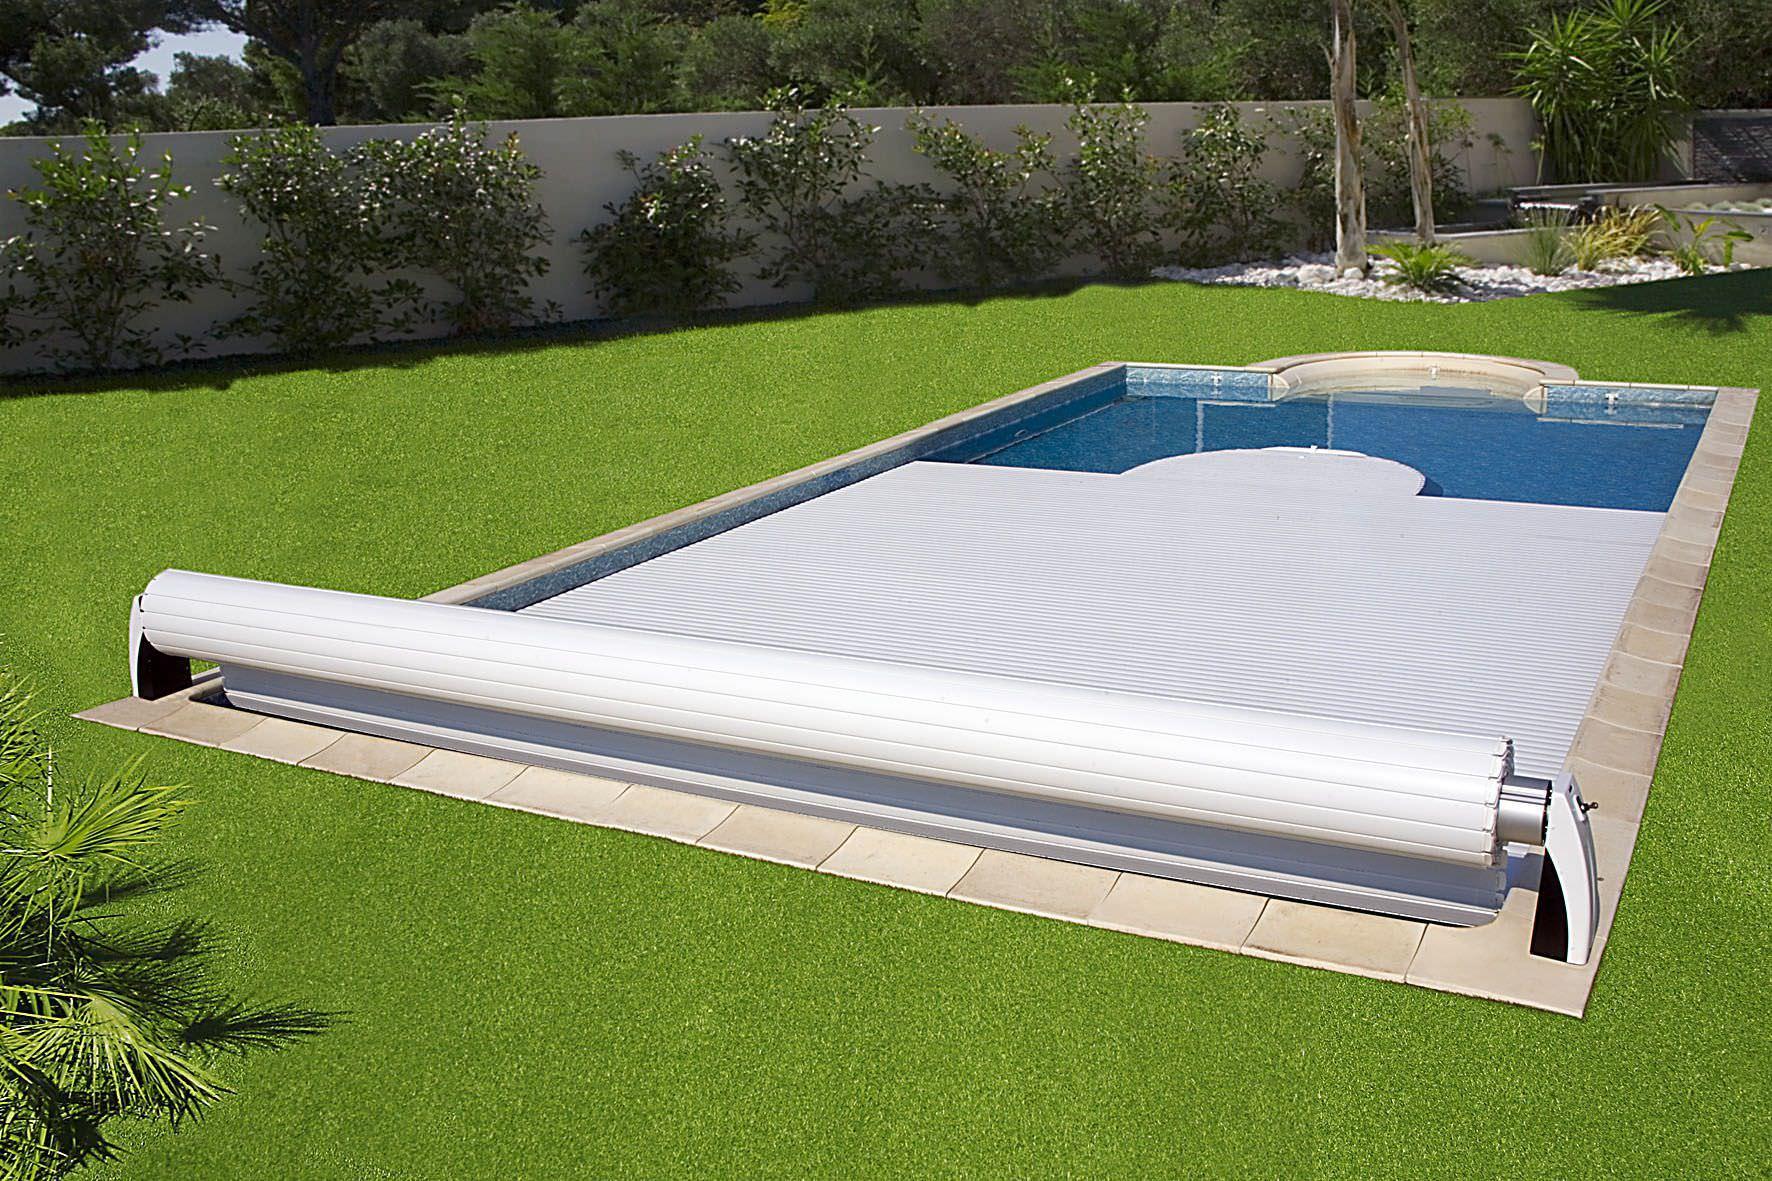 volet piscine astral